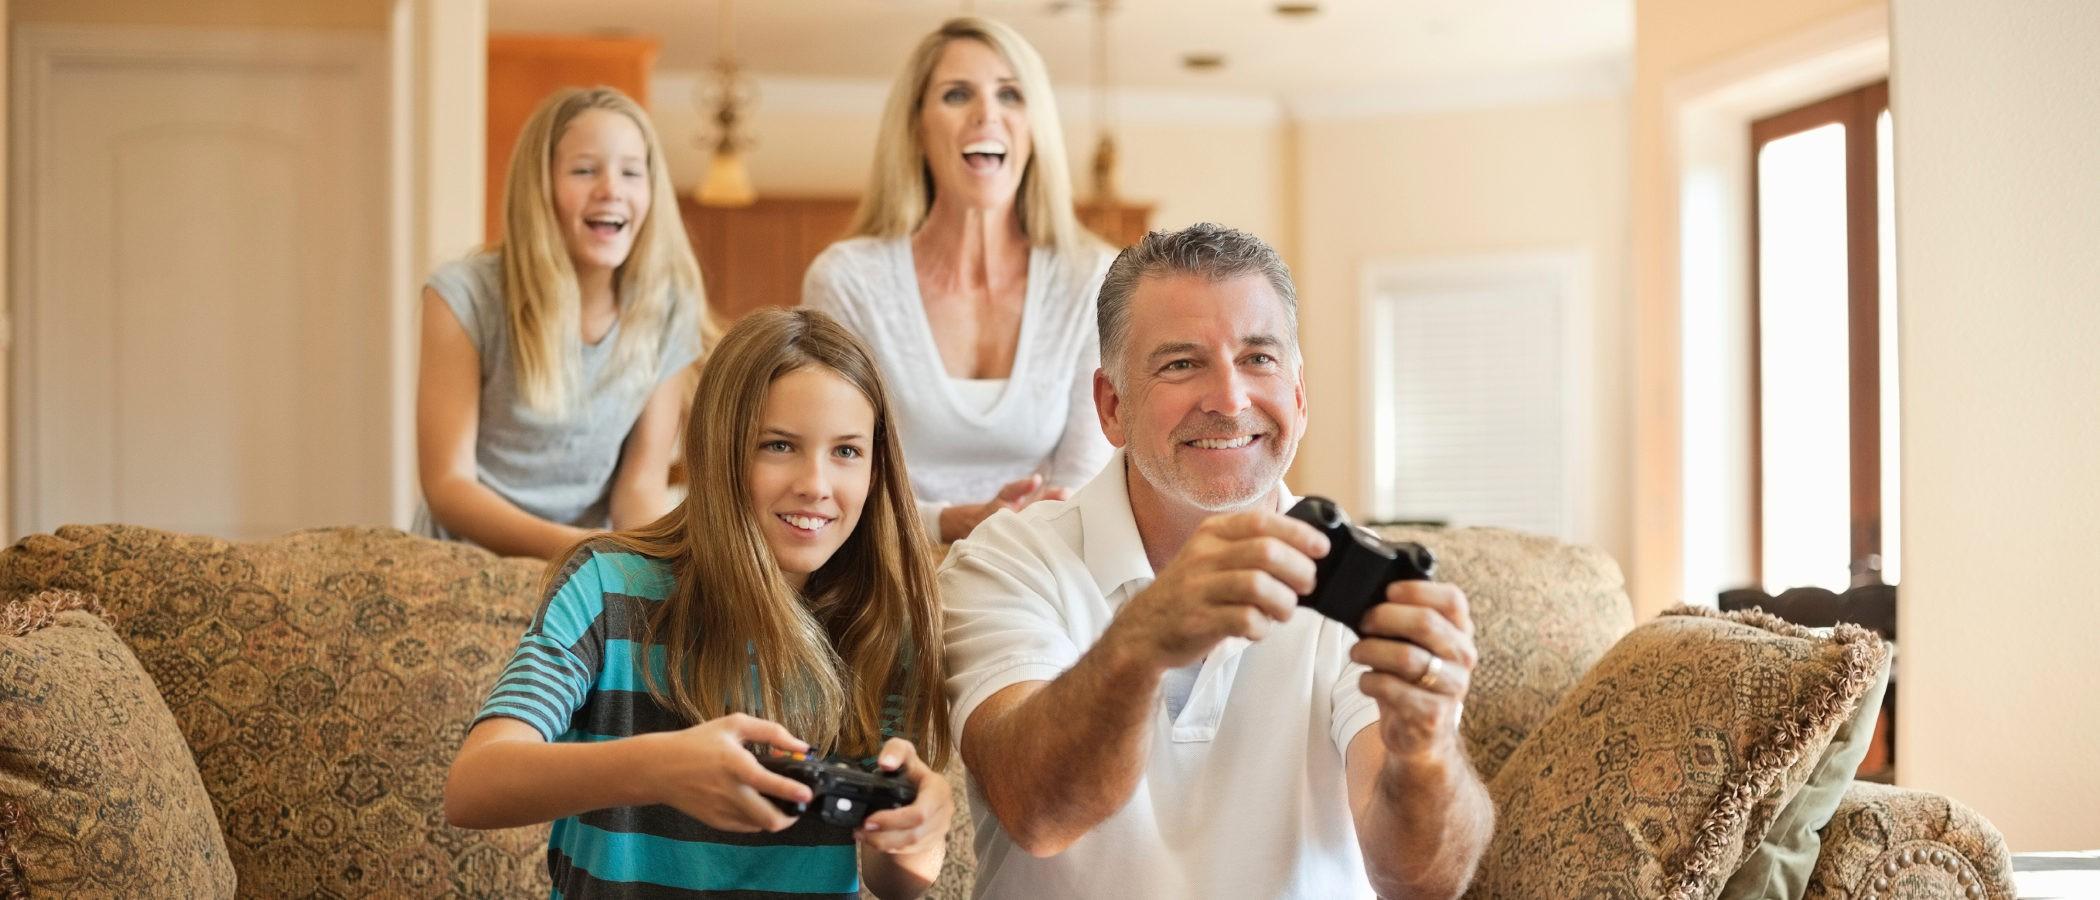 5 planes para pasar tiempo con tus hijos adolescentes (y que les gusten)